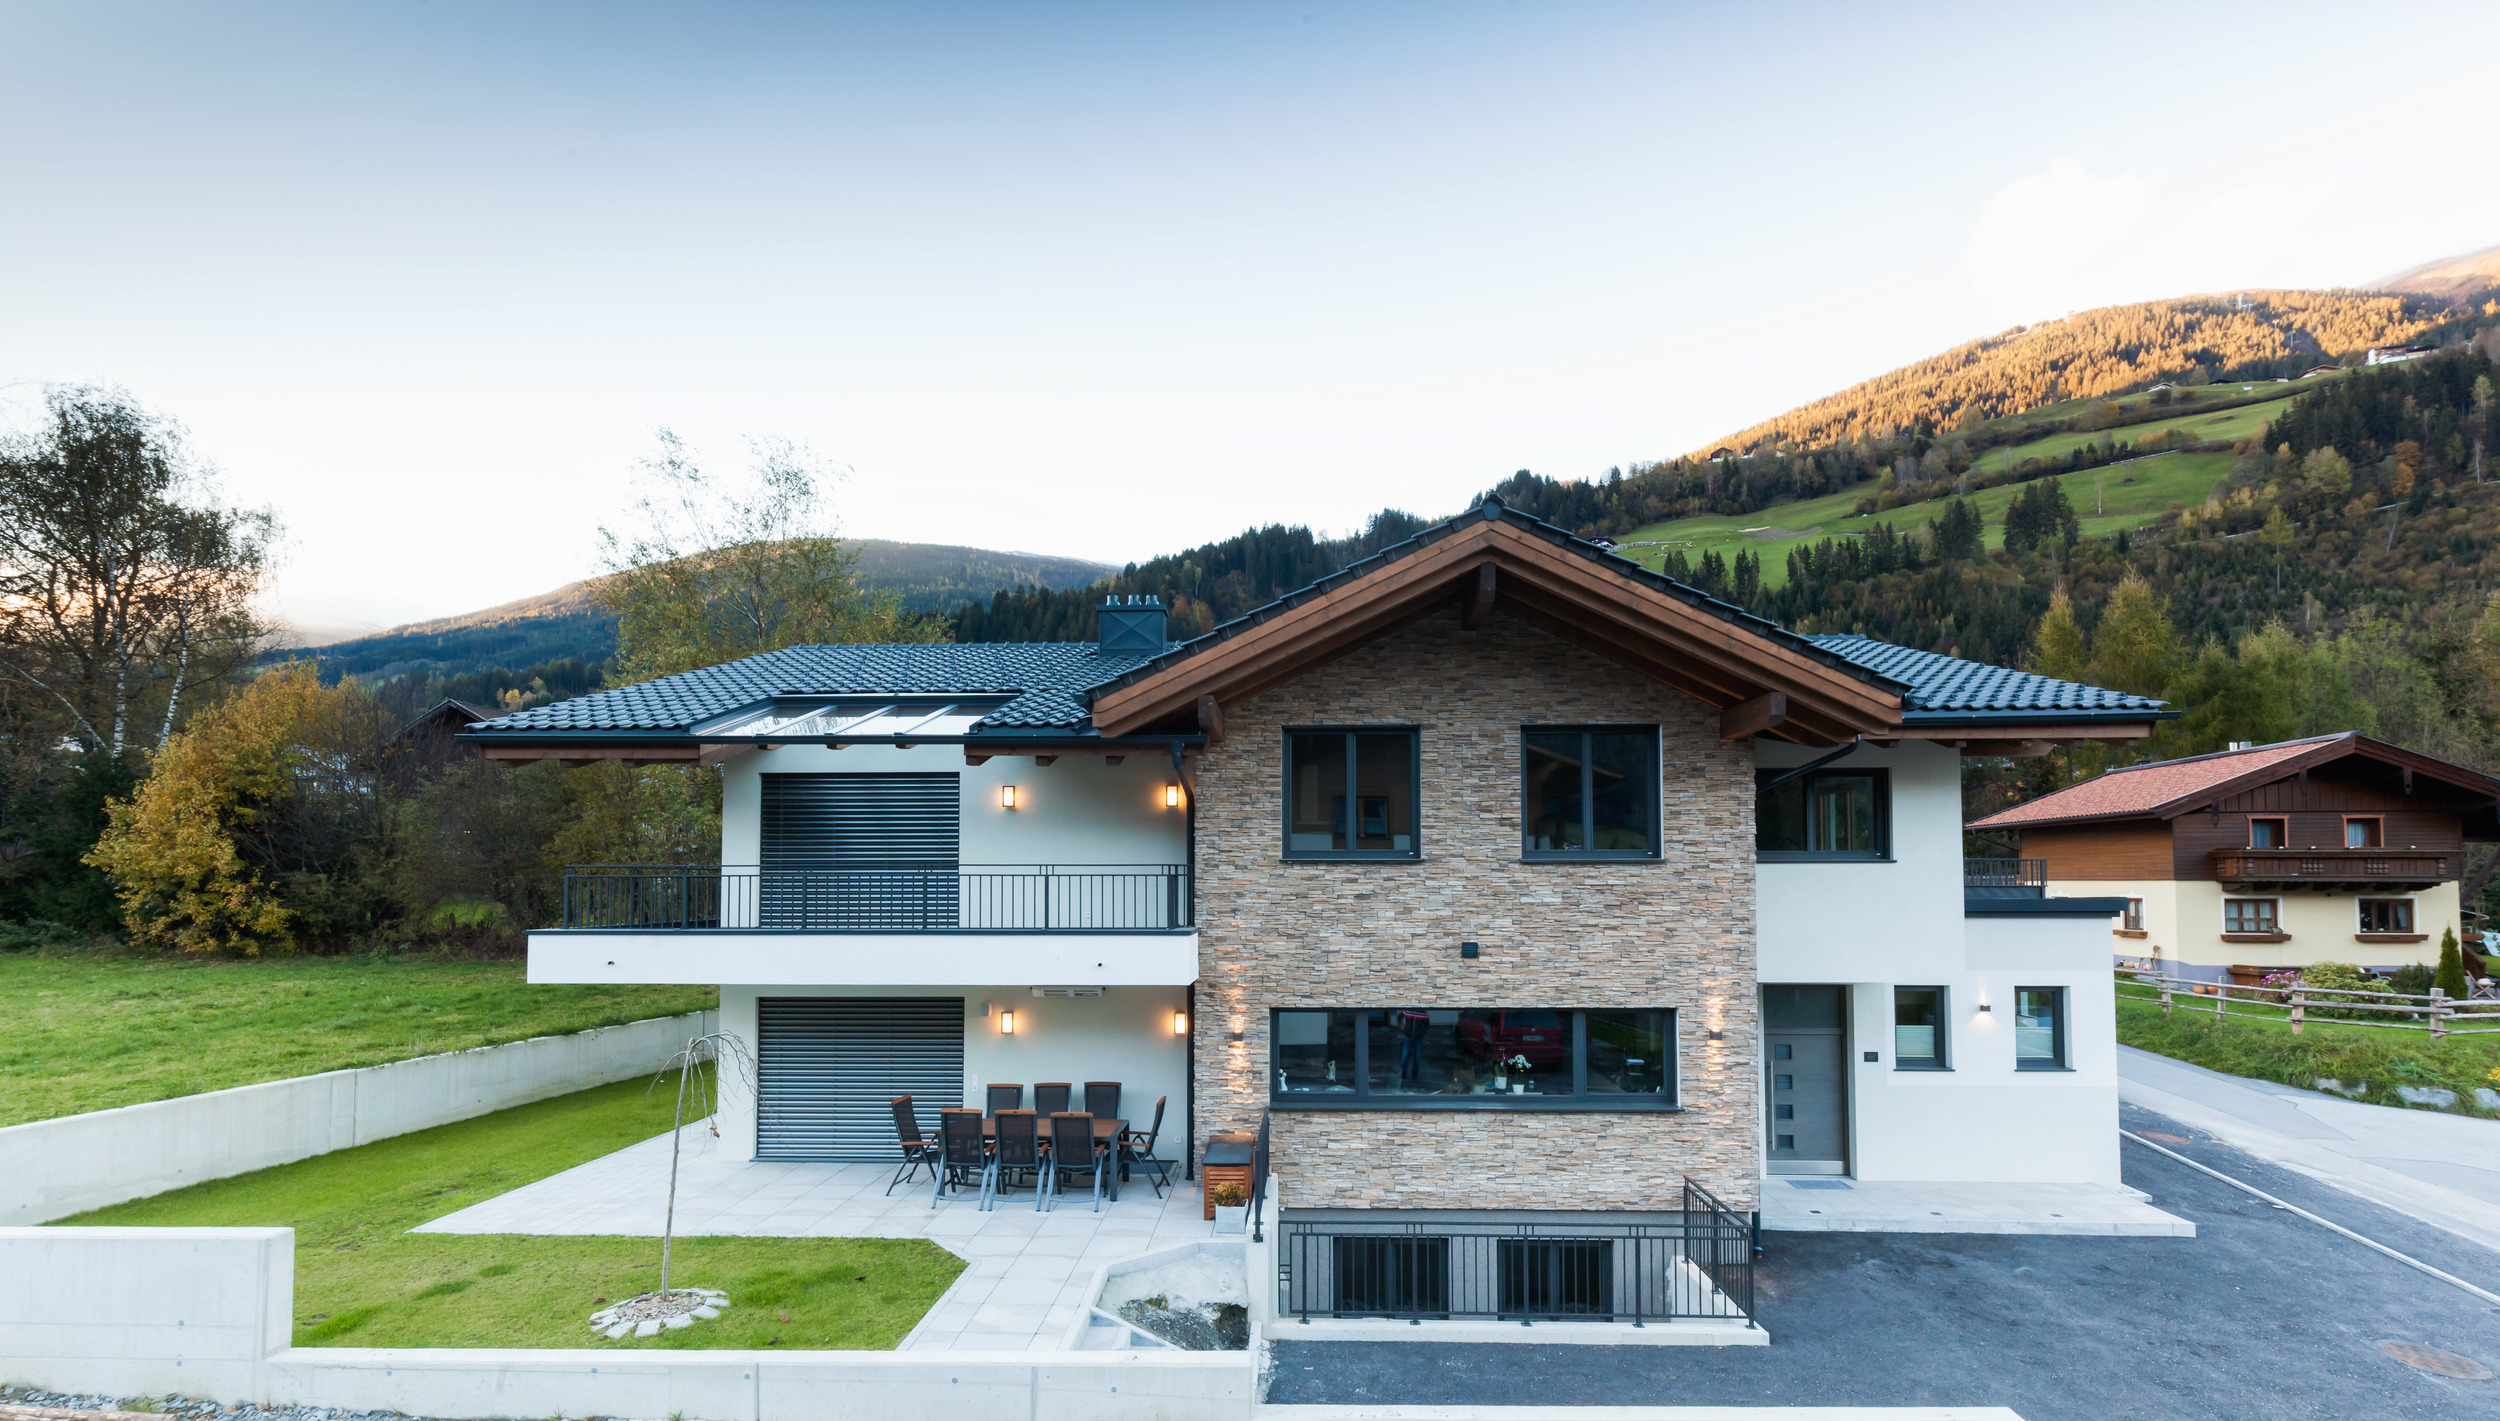 appartement-suites-liana-sophie-neukirchen-haus-front